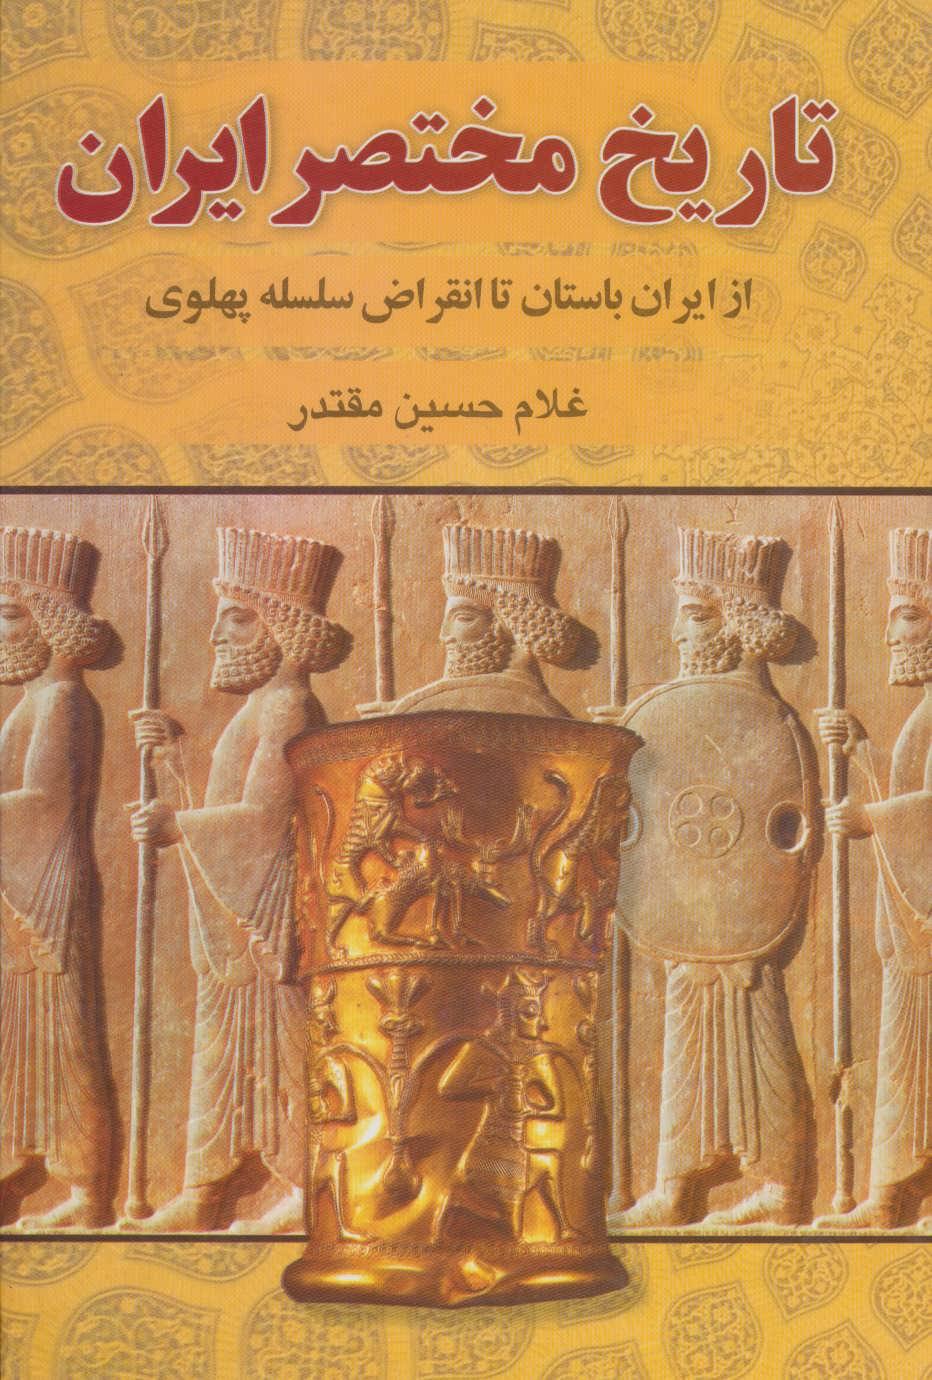 کتاب تاریخ مختصر ایران (از ایران باستان تا انقراض سلسله پهلوی)